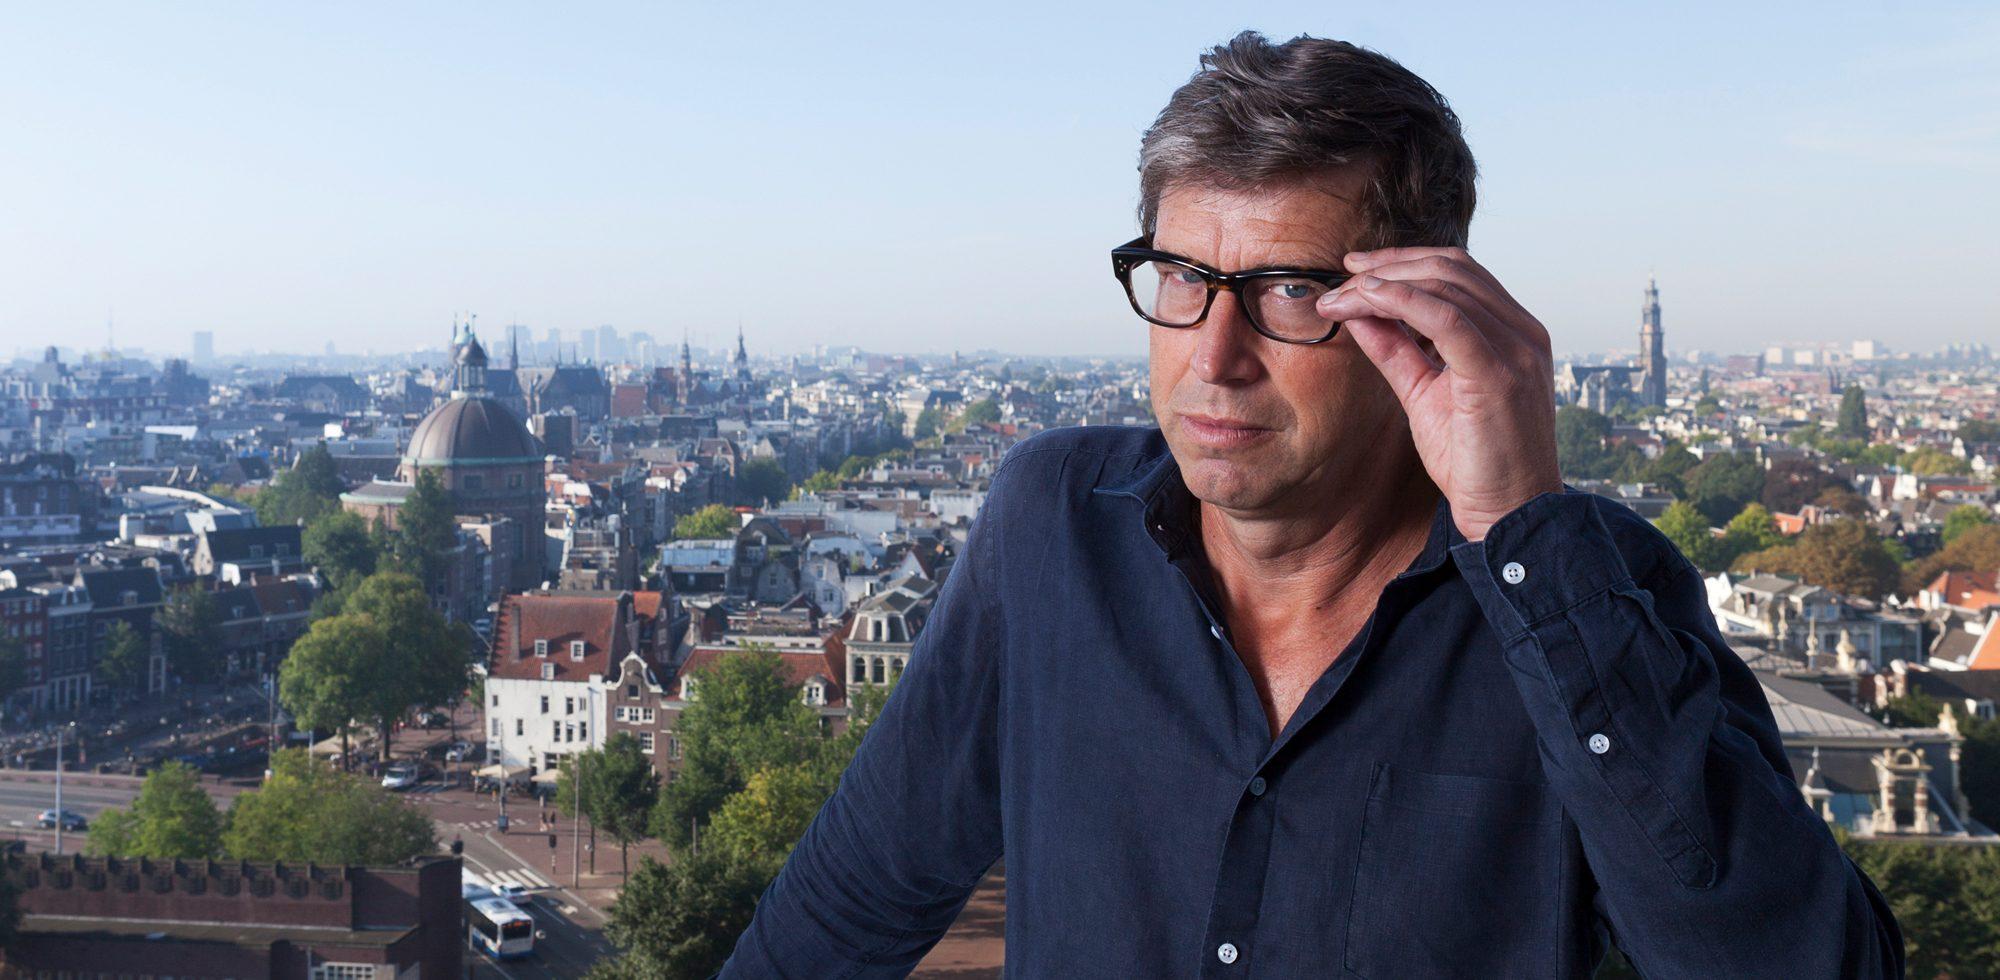 Foto: Martijn Gijsbertsen